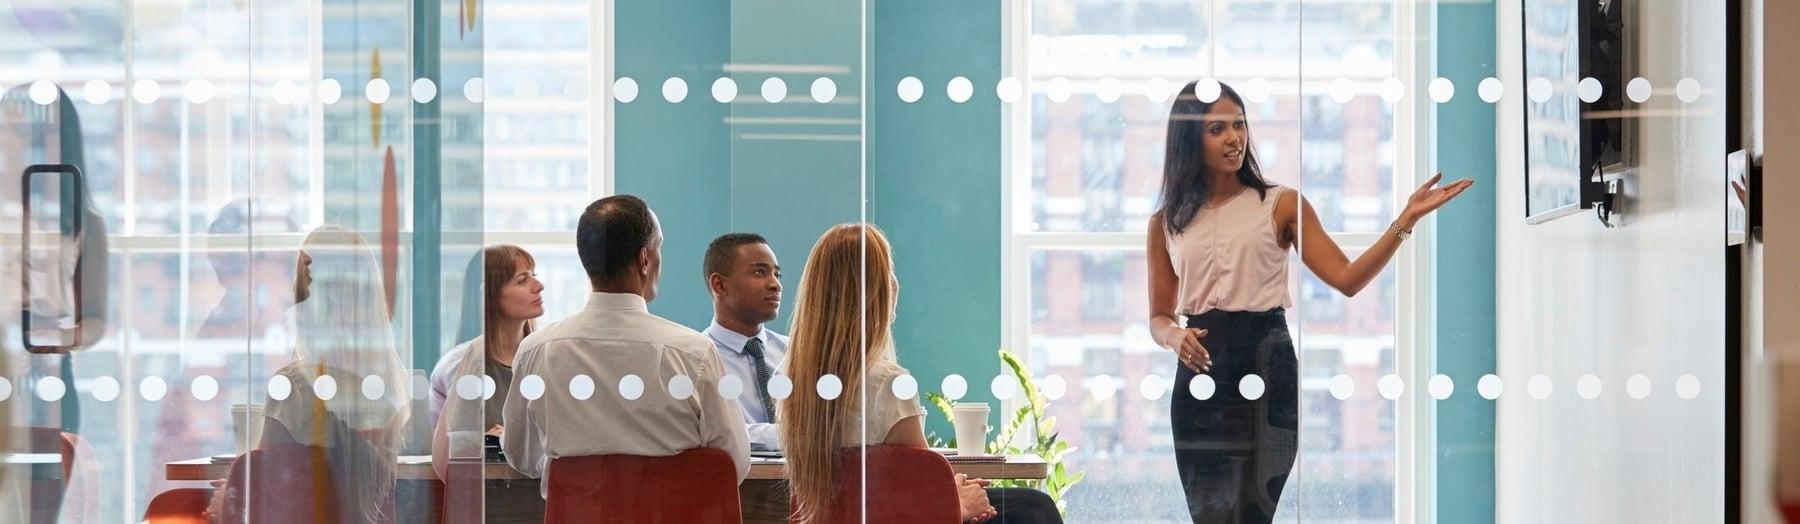 hubspot marketing inbound agencias financieros roi ingresos estados